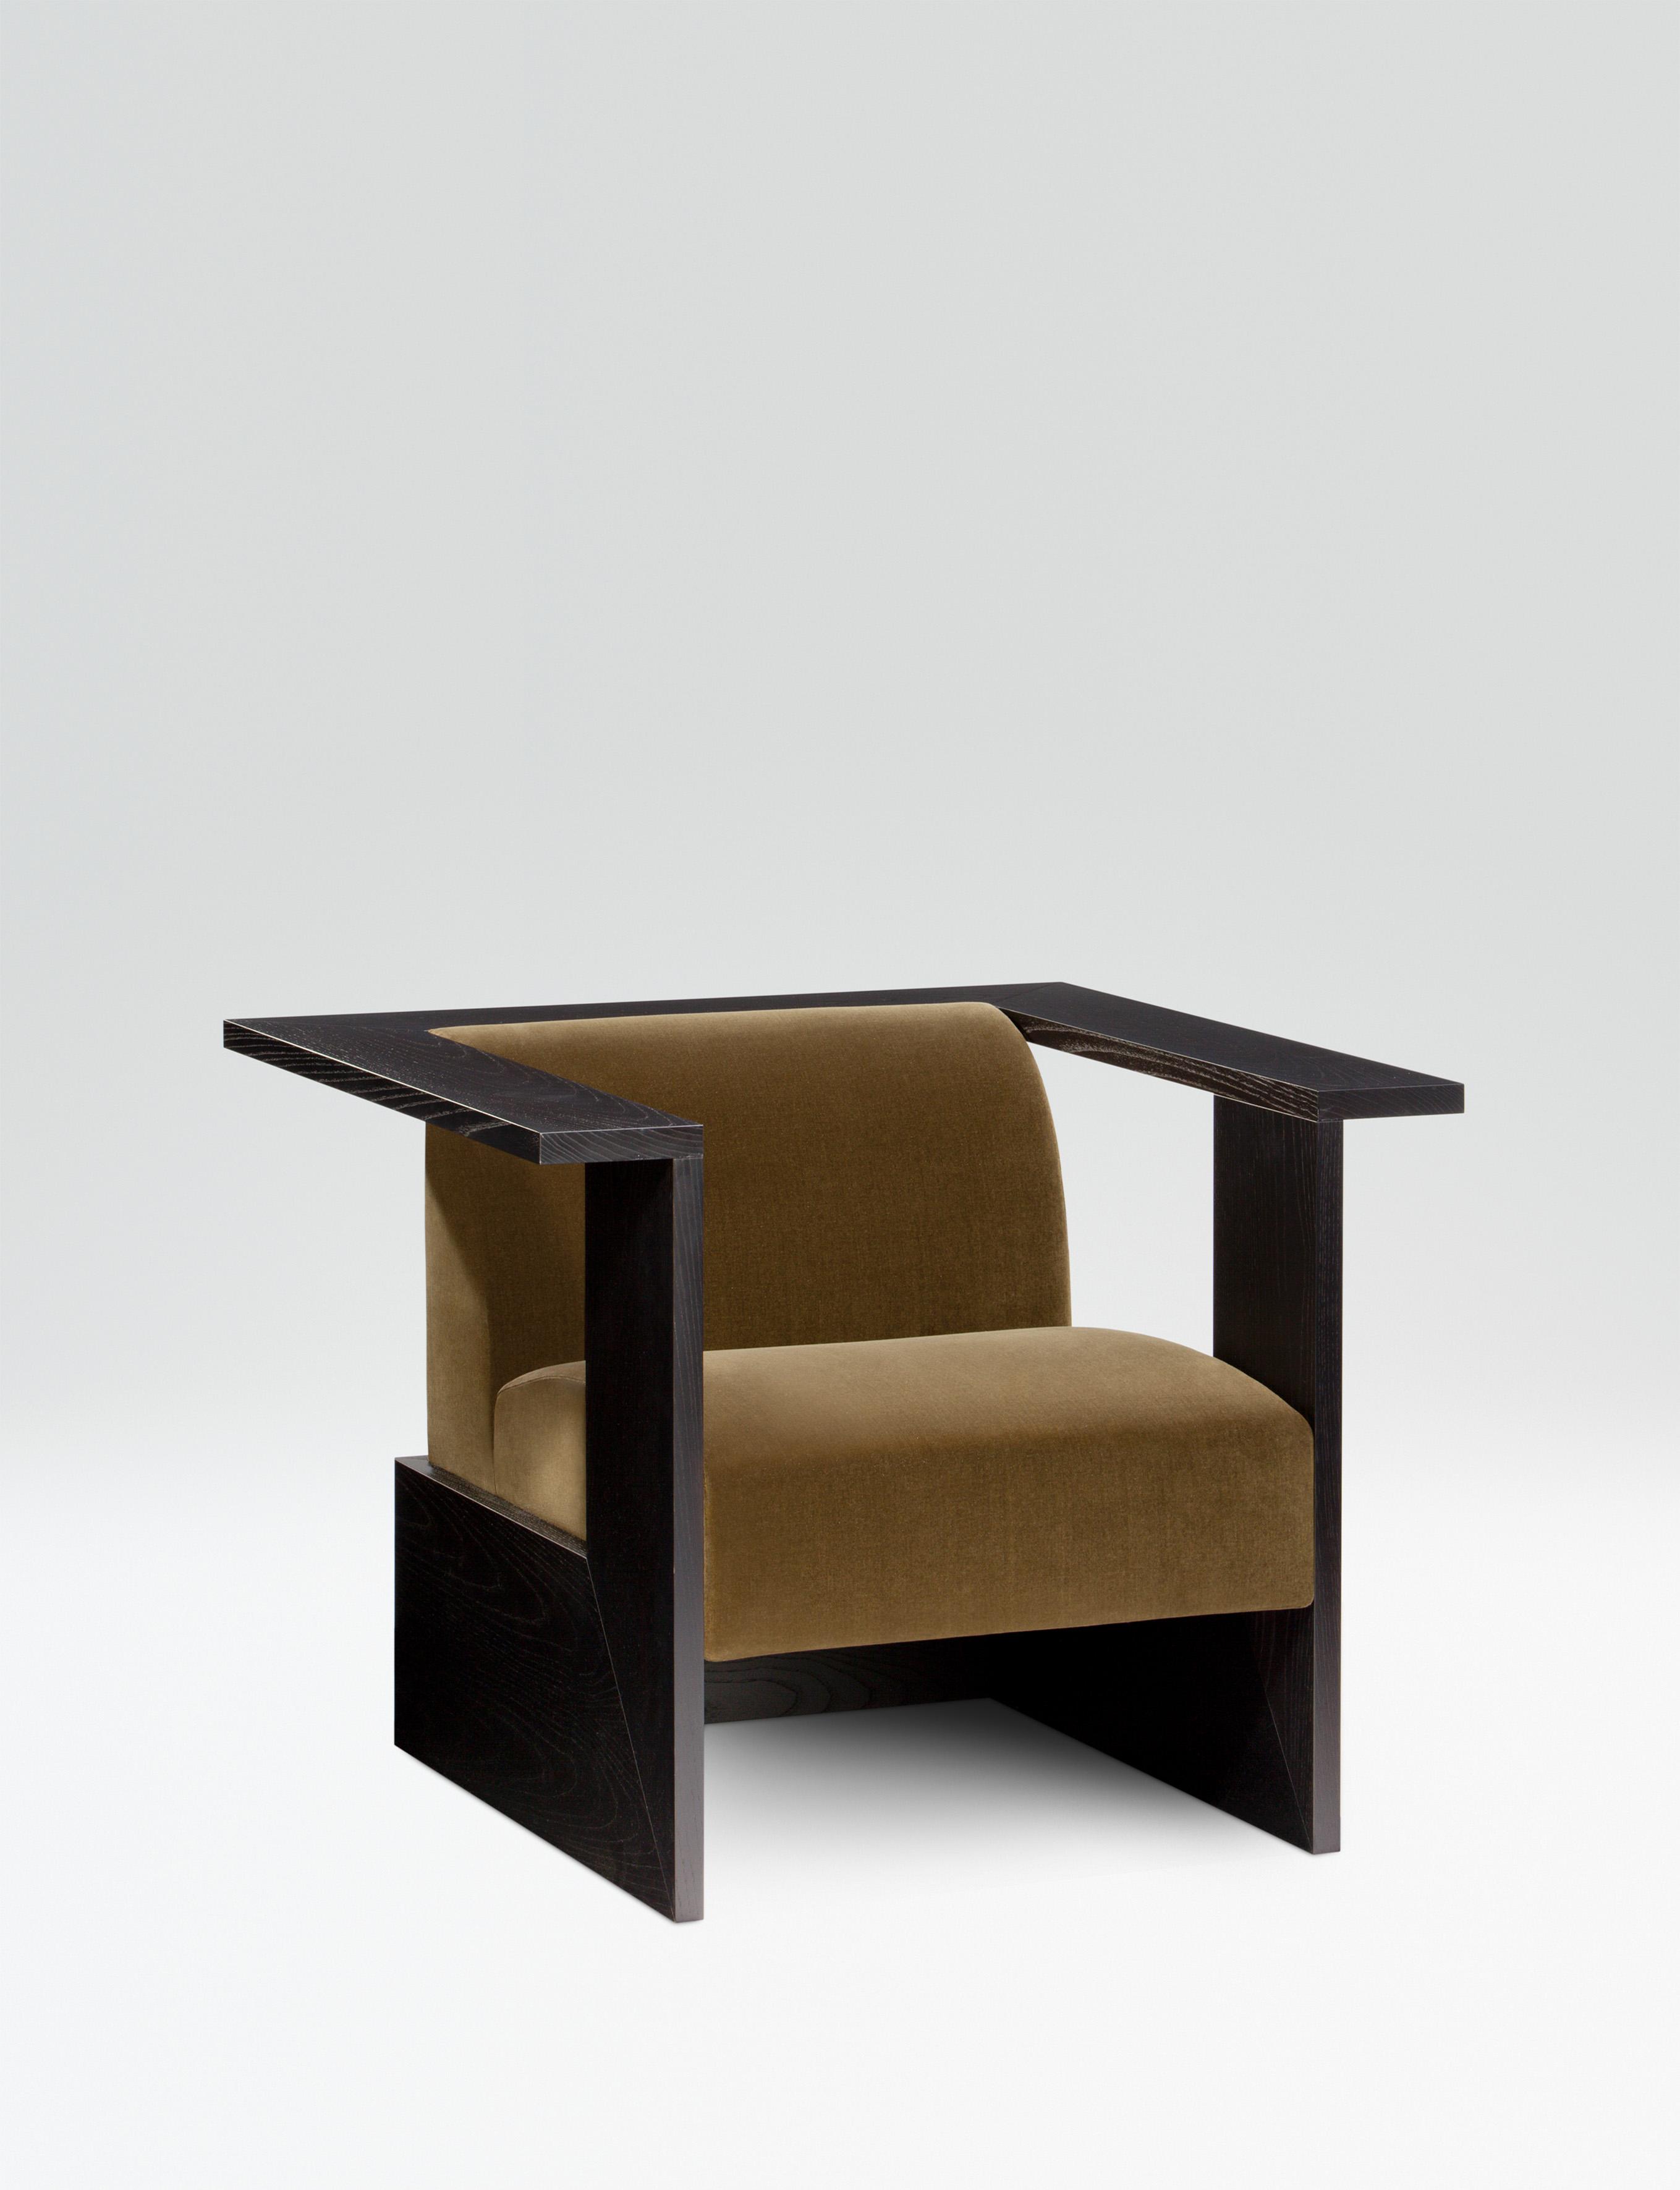 Armani Casa pruductos de diseño en